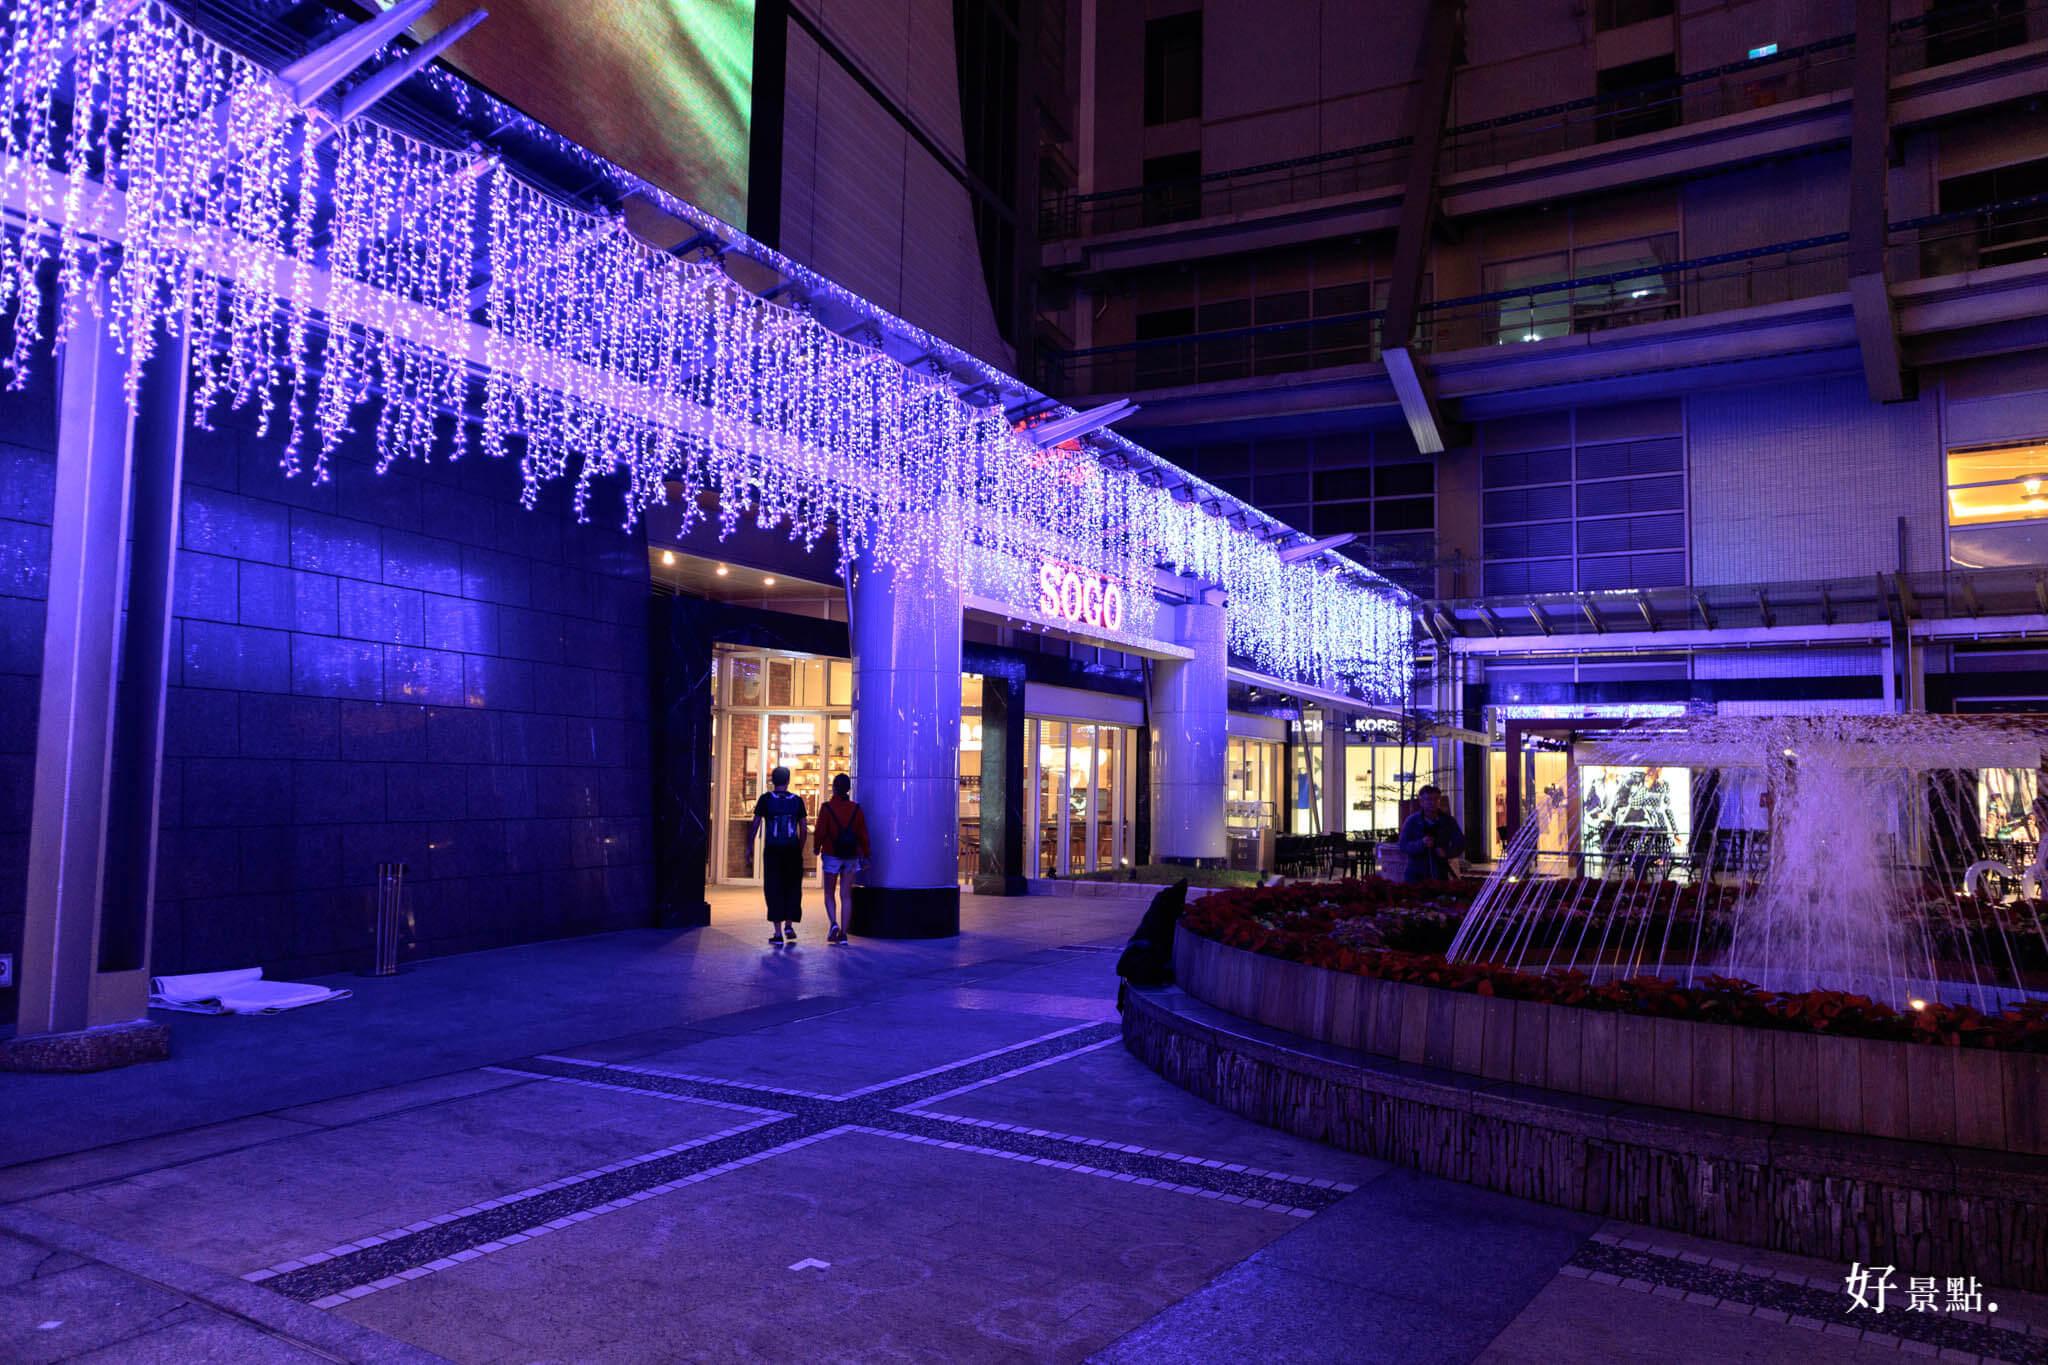 |新竹。東區|Big City 遠東巨城購物中心15公尺高聖誕樹/雪橇/薑餅屋超閃亮!